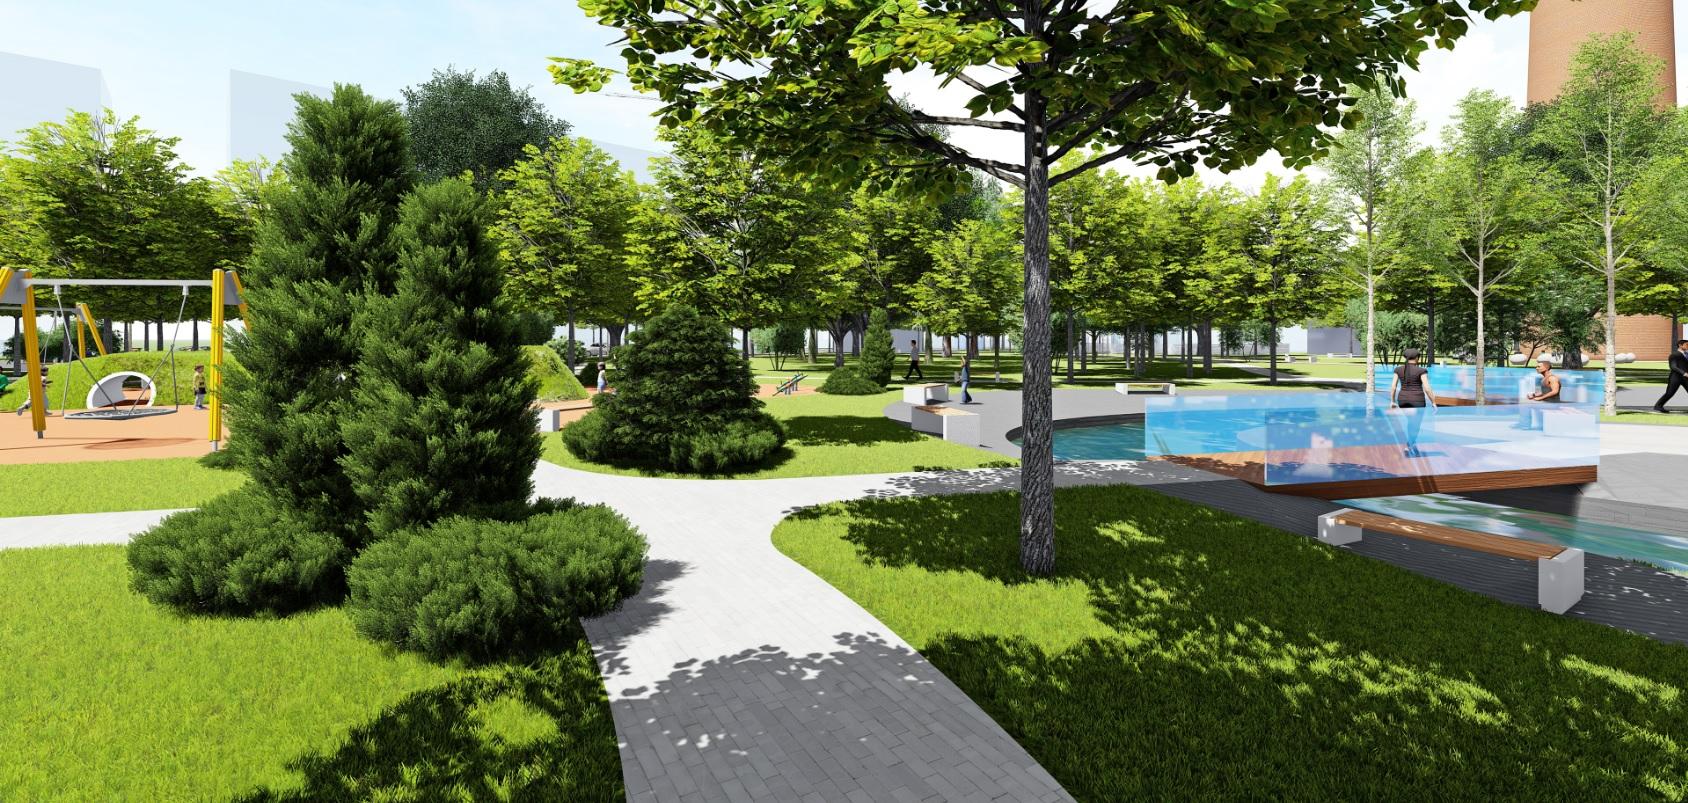 У Фастові оприлюднили проєкт реконструкції міського парку імені Гагаріна - Фастів, реконструкція, парк імені Гагаріна - Park13